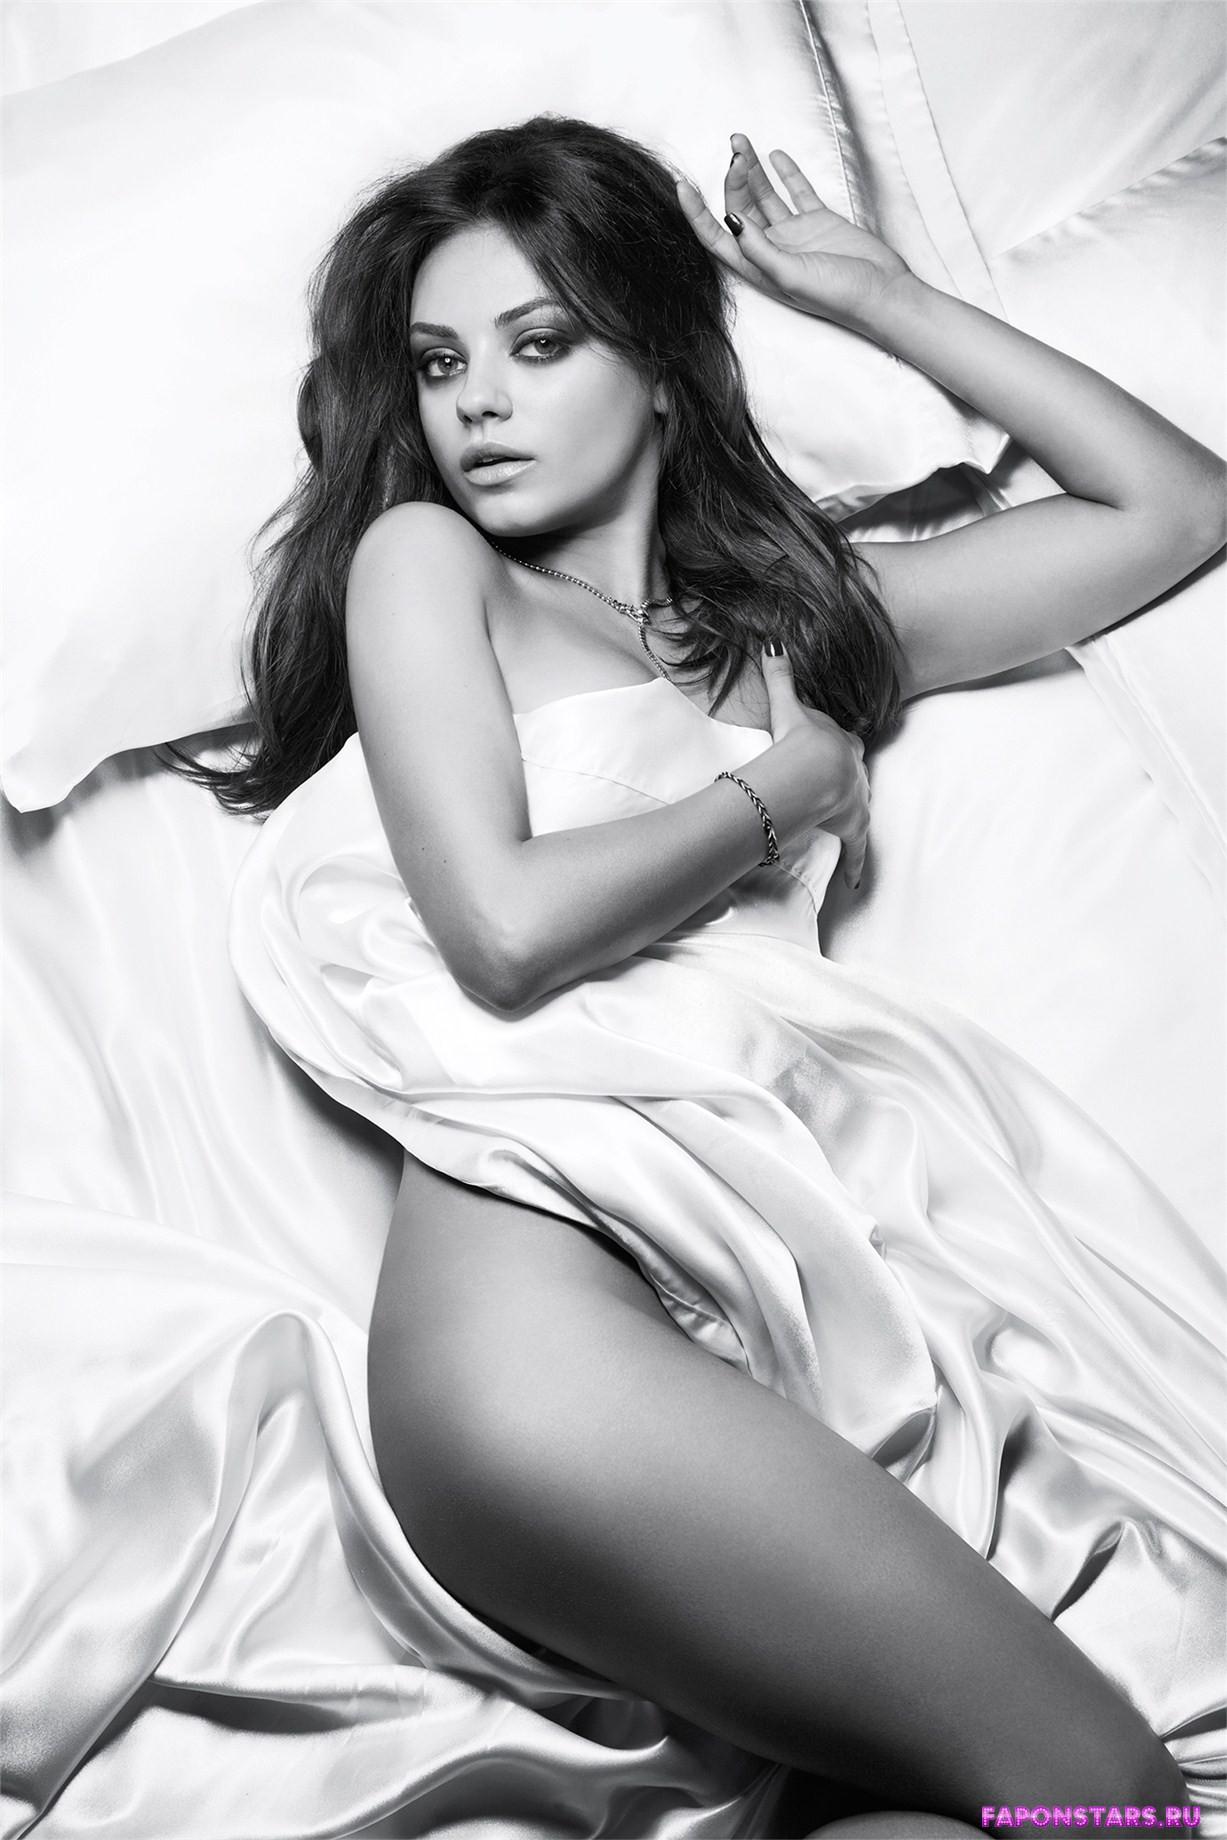 полностью голая Мила Кунис прикрылась одеялом лежа на кровати